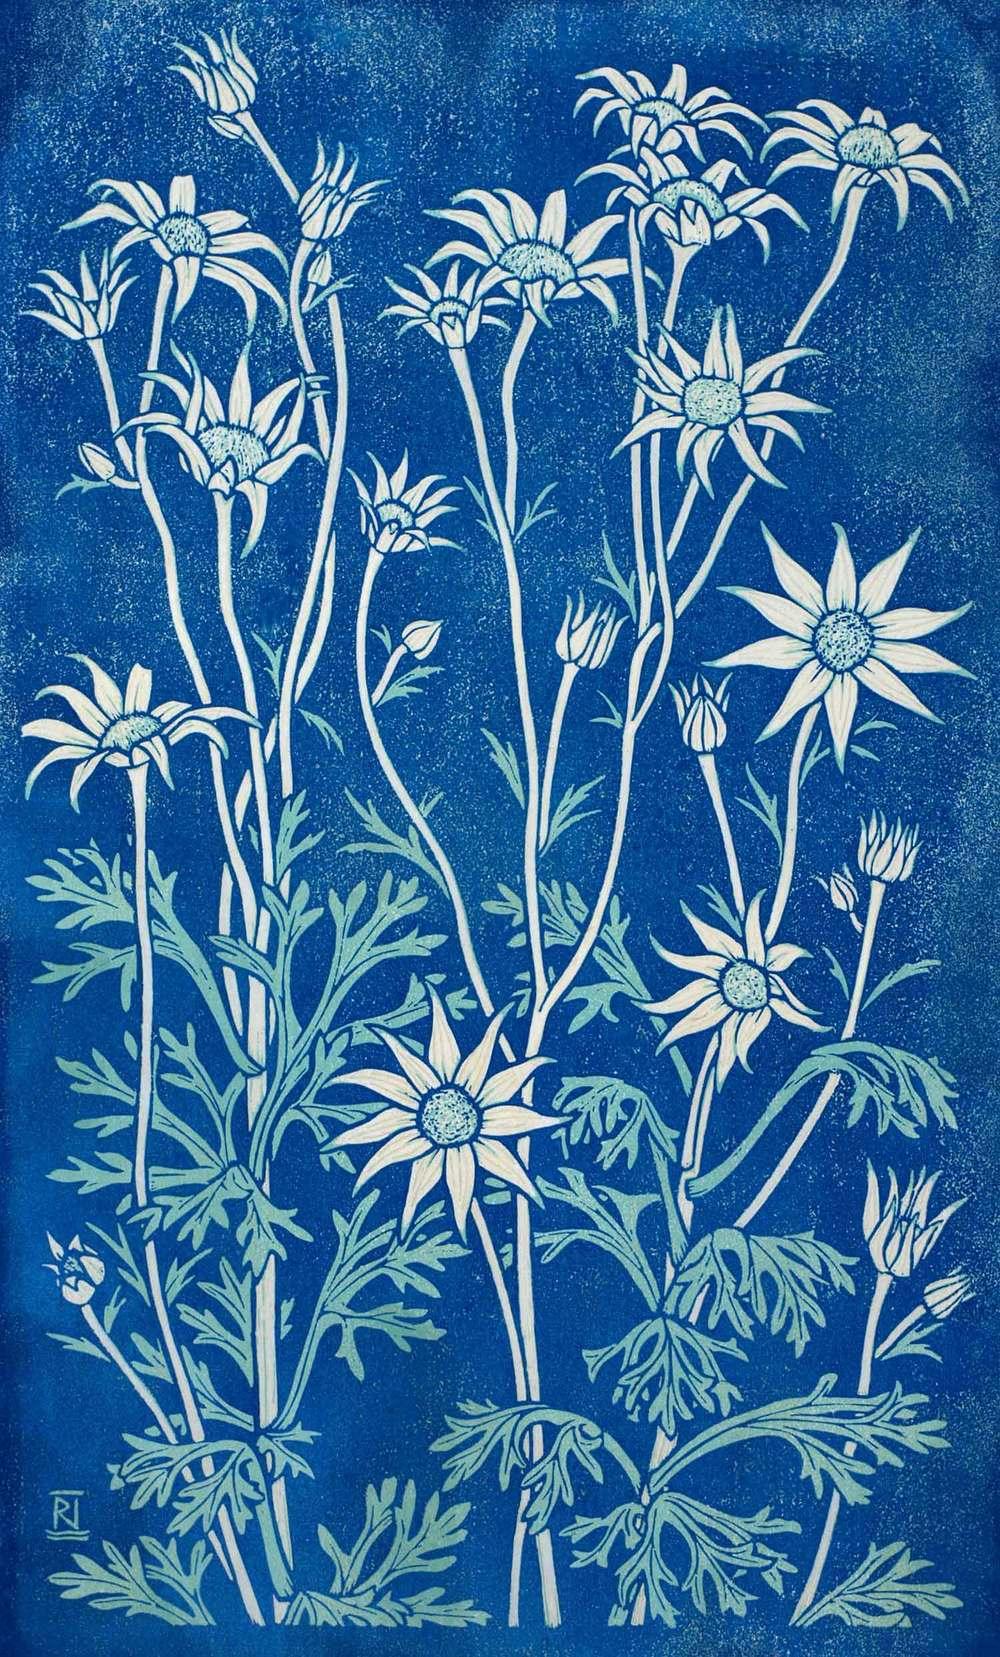 flannel-flower-2-linocut-rachel-newling.jpg